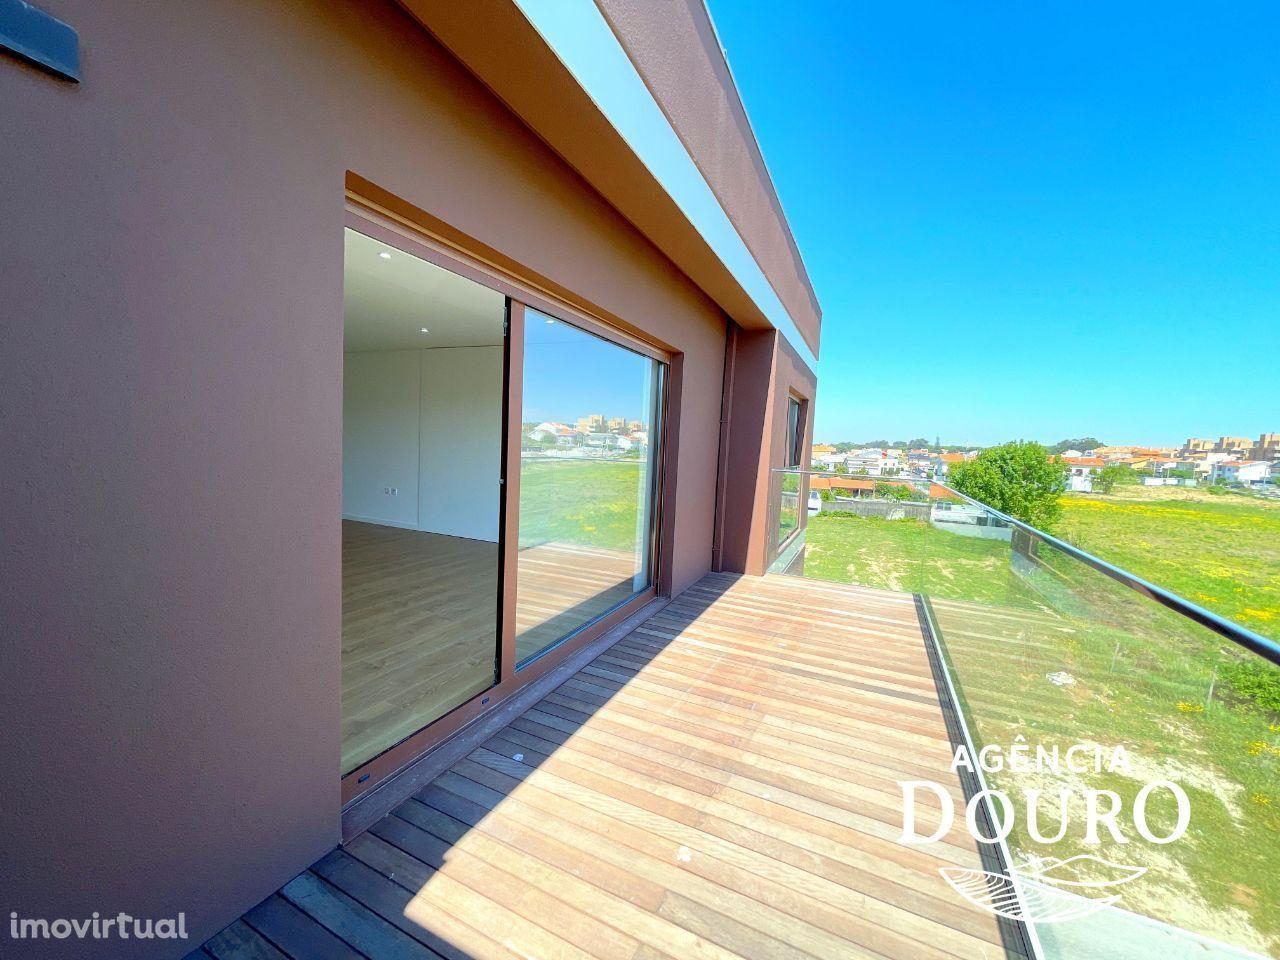 Apartamento T3 à venda em Praia de Francelos - Praia de Miramar